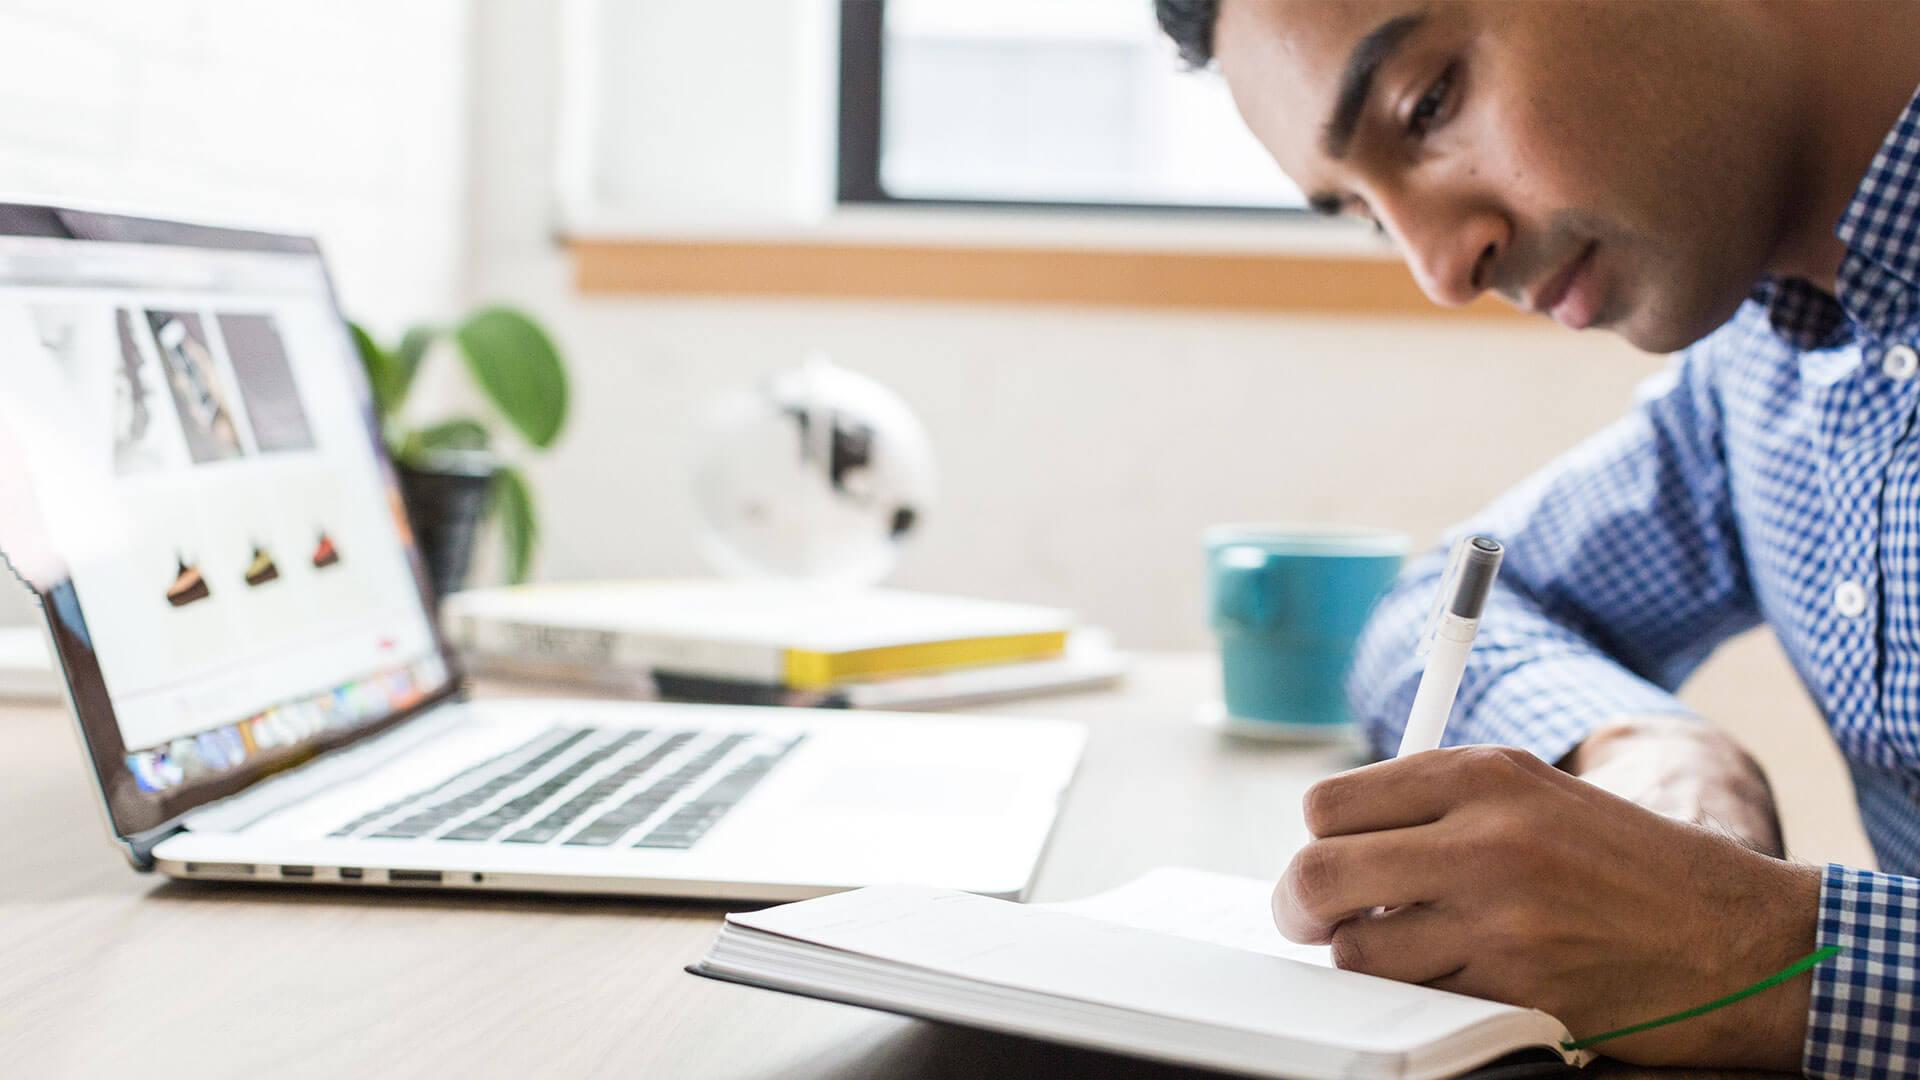 Stagiaire travaillant devant un ordinateur portable